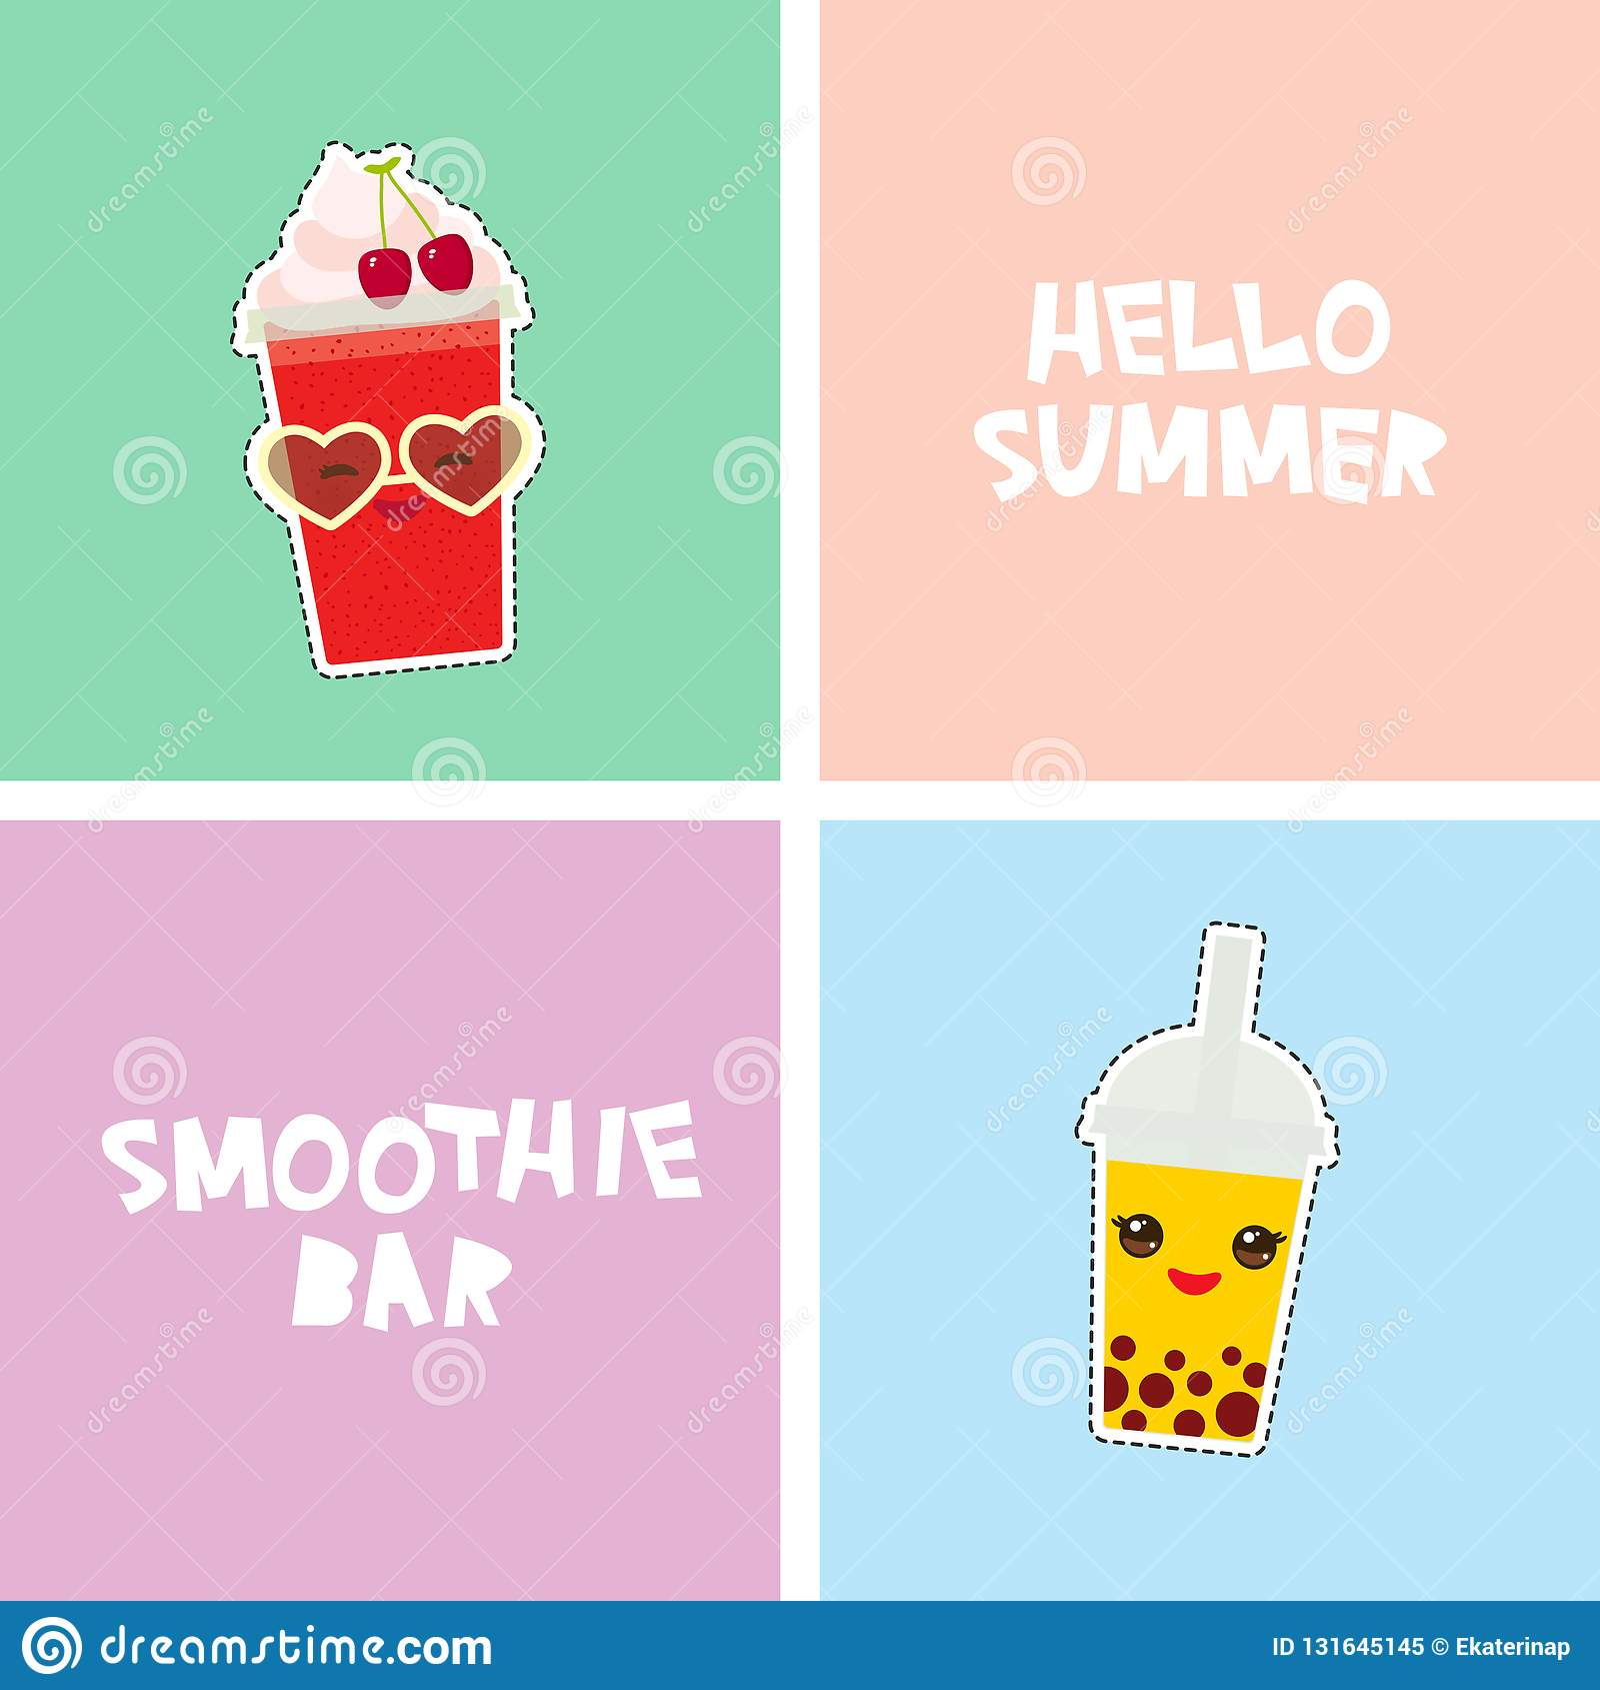 你好夏天圆滑的人酒吧明亮的热带卡片横幅设计,时尚补丁徽章贴纸 泡影茶,樱桃圆滑的人,